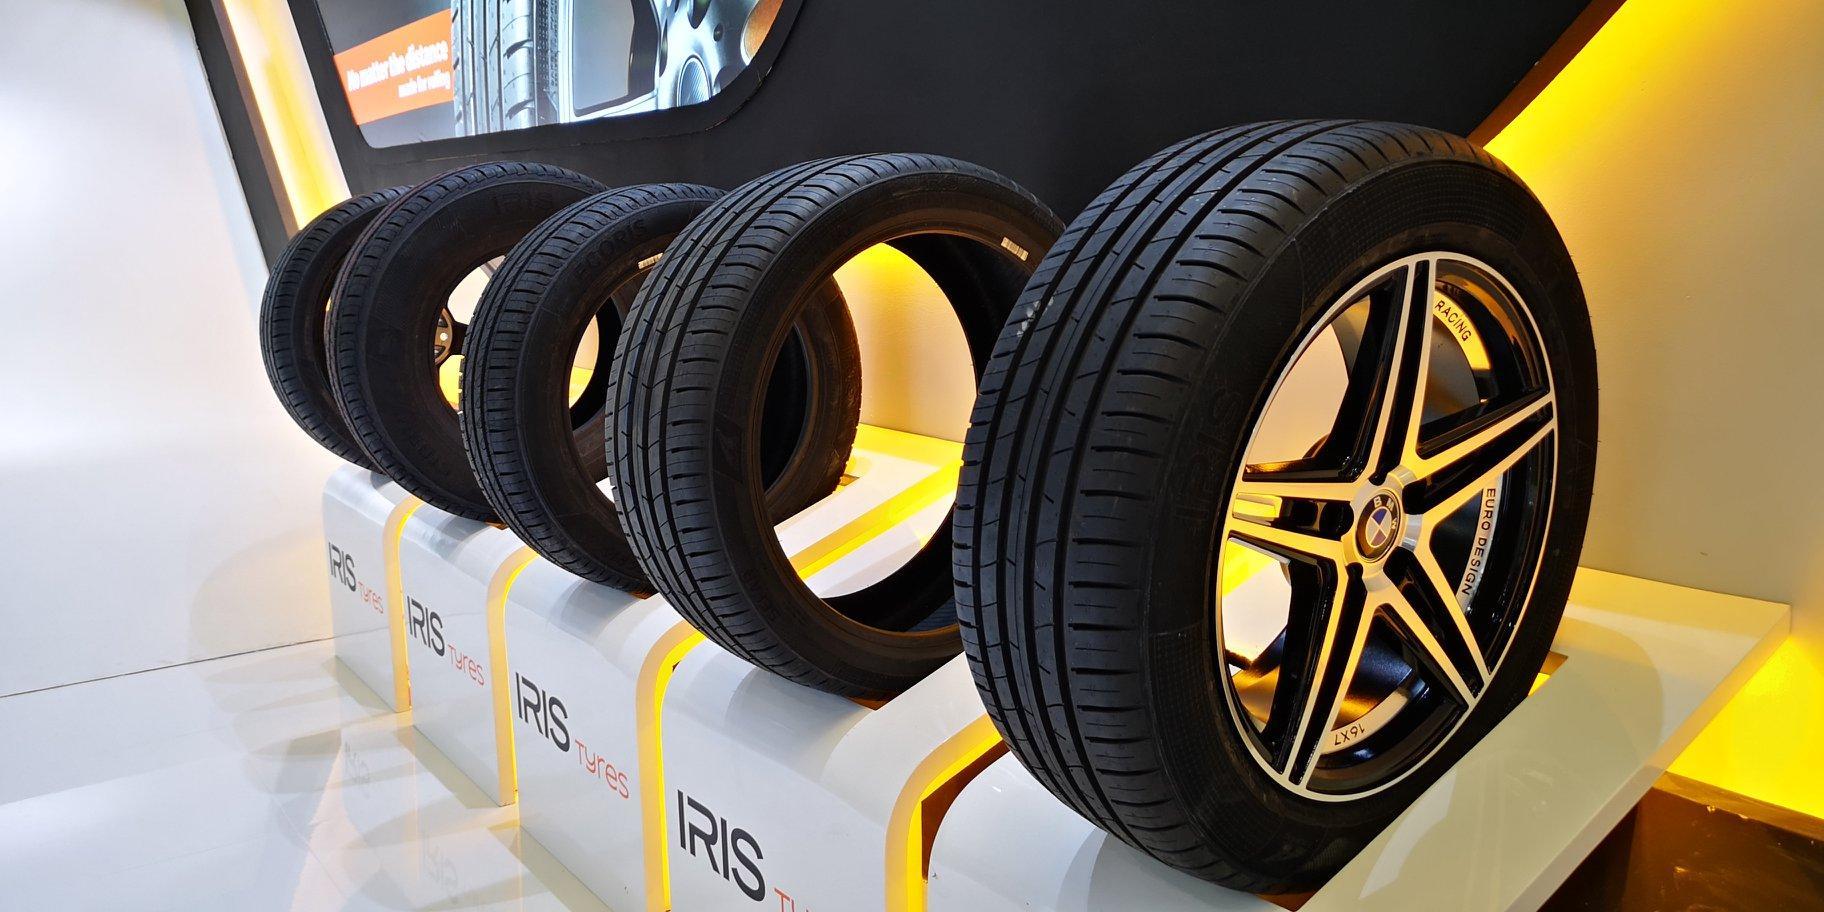 Алжирская Saterex начала экспорт шин бренда Iris в Испанию